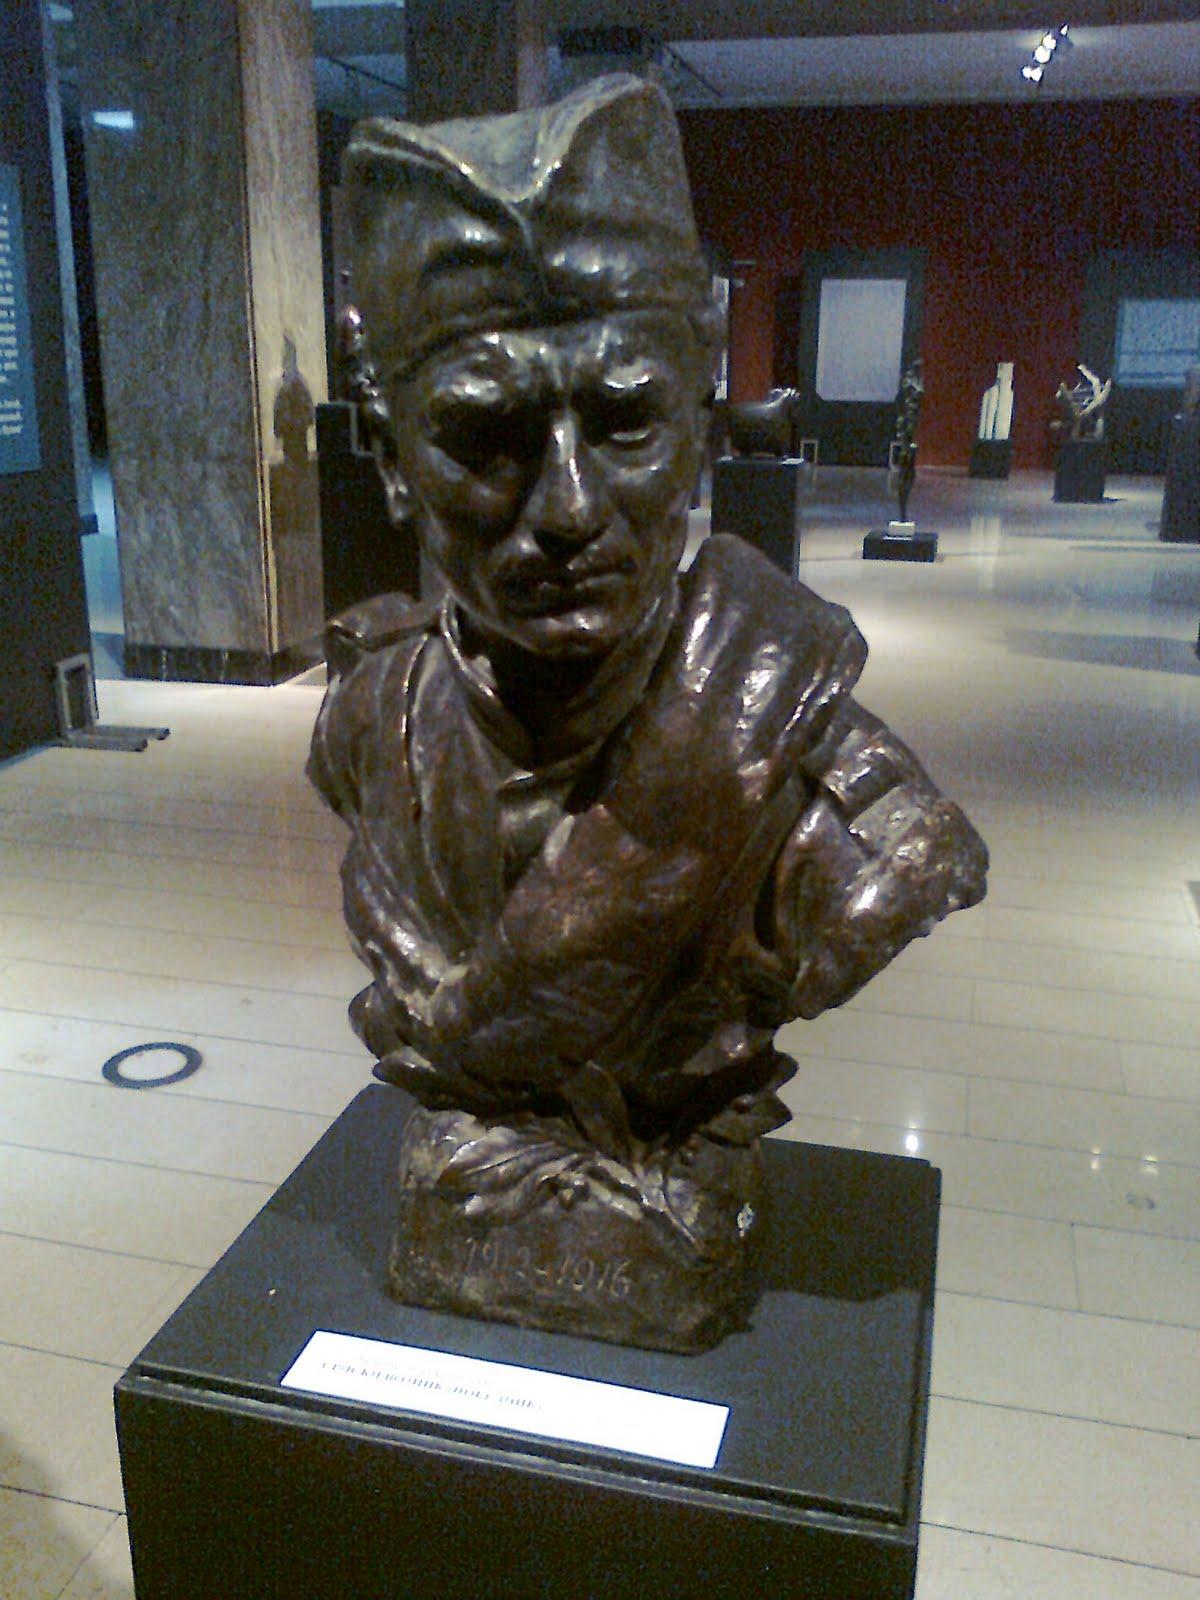 The Art History Journal Serbian Sculpture Art